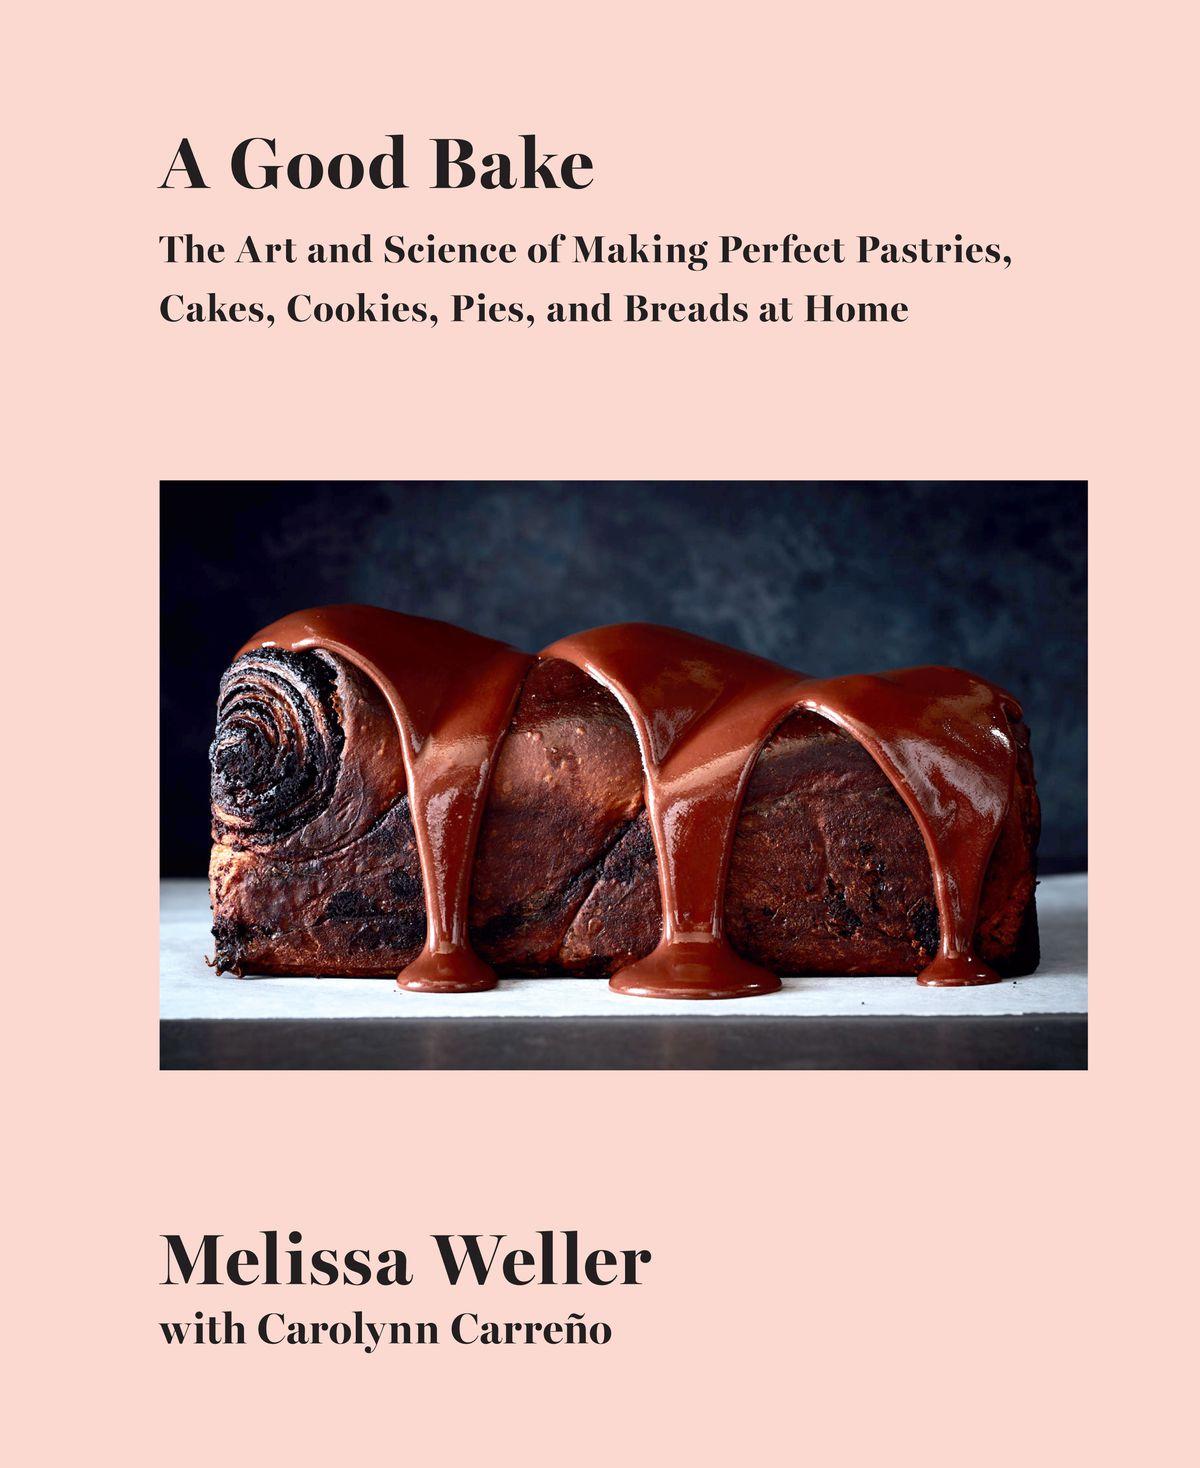 Un pain couvert de sauce au chocolat sur la couverture de A Good Bake